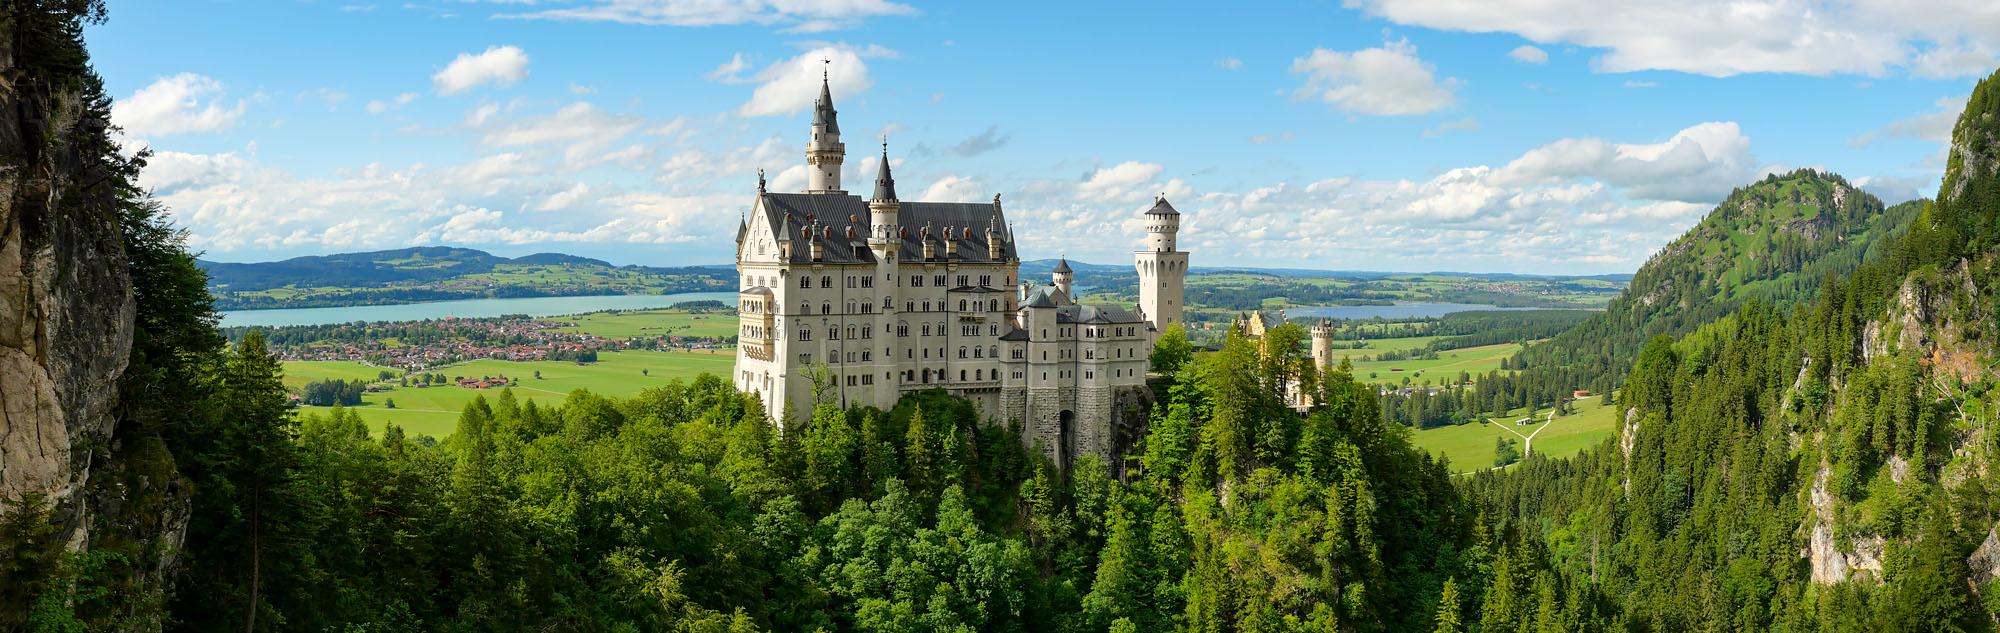 Visite el castillo de Neuschwanstein, Baviera, Alemania